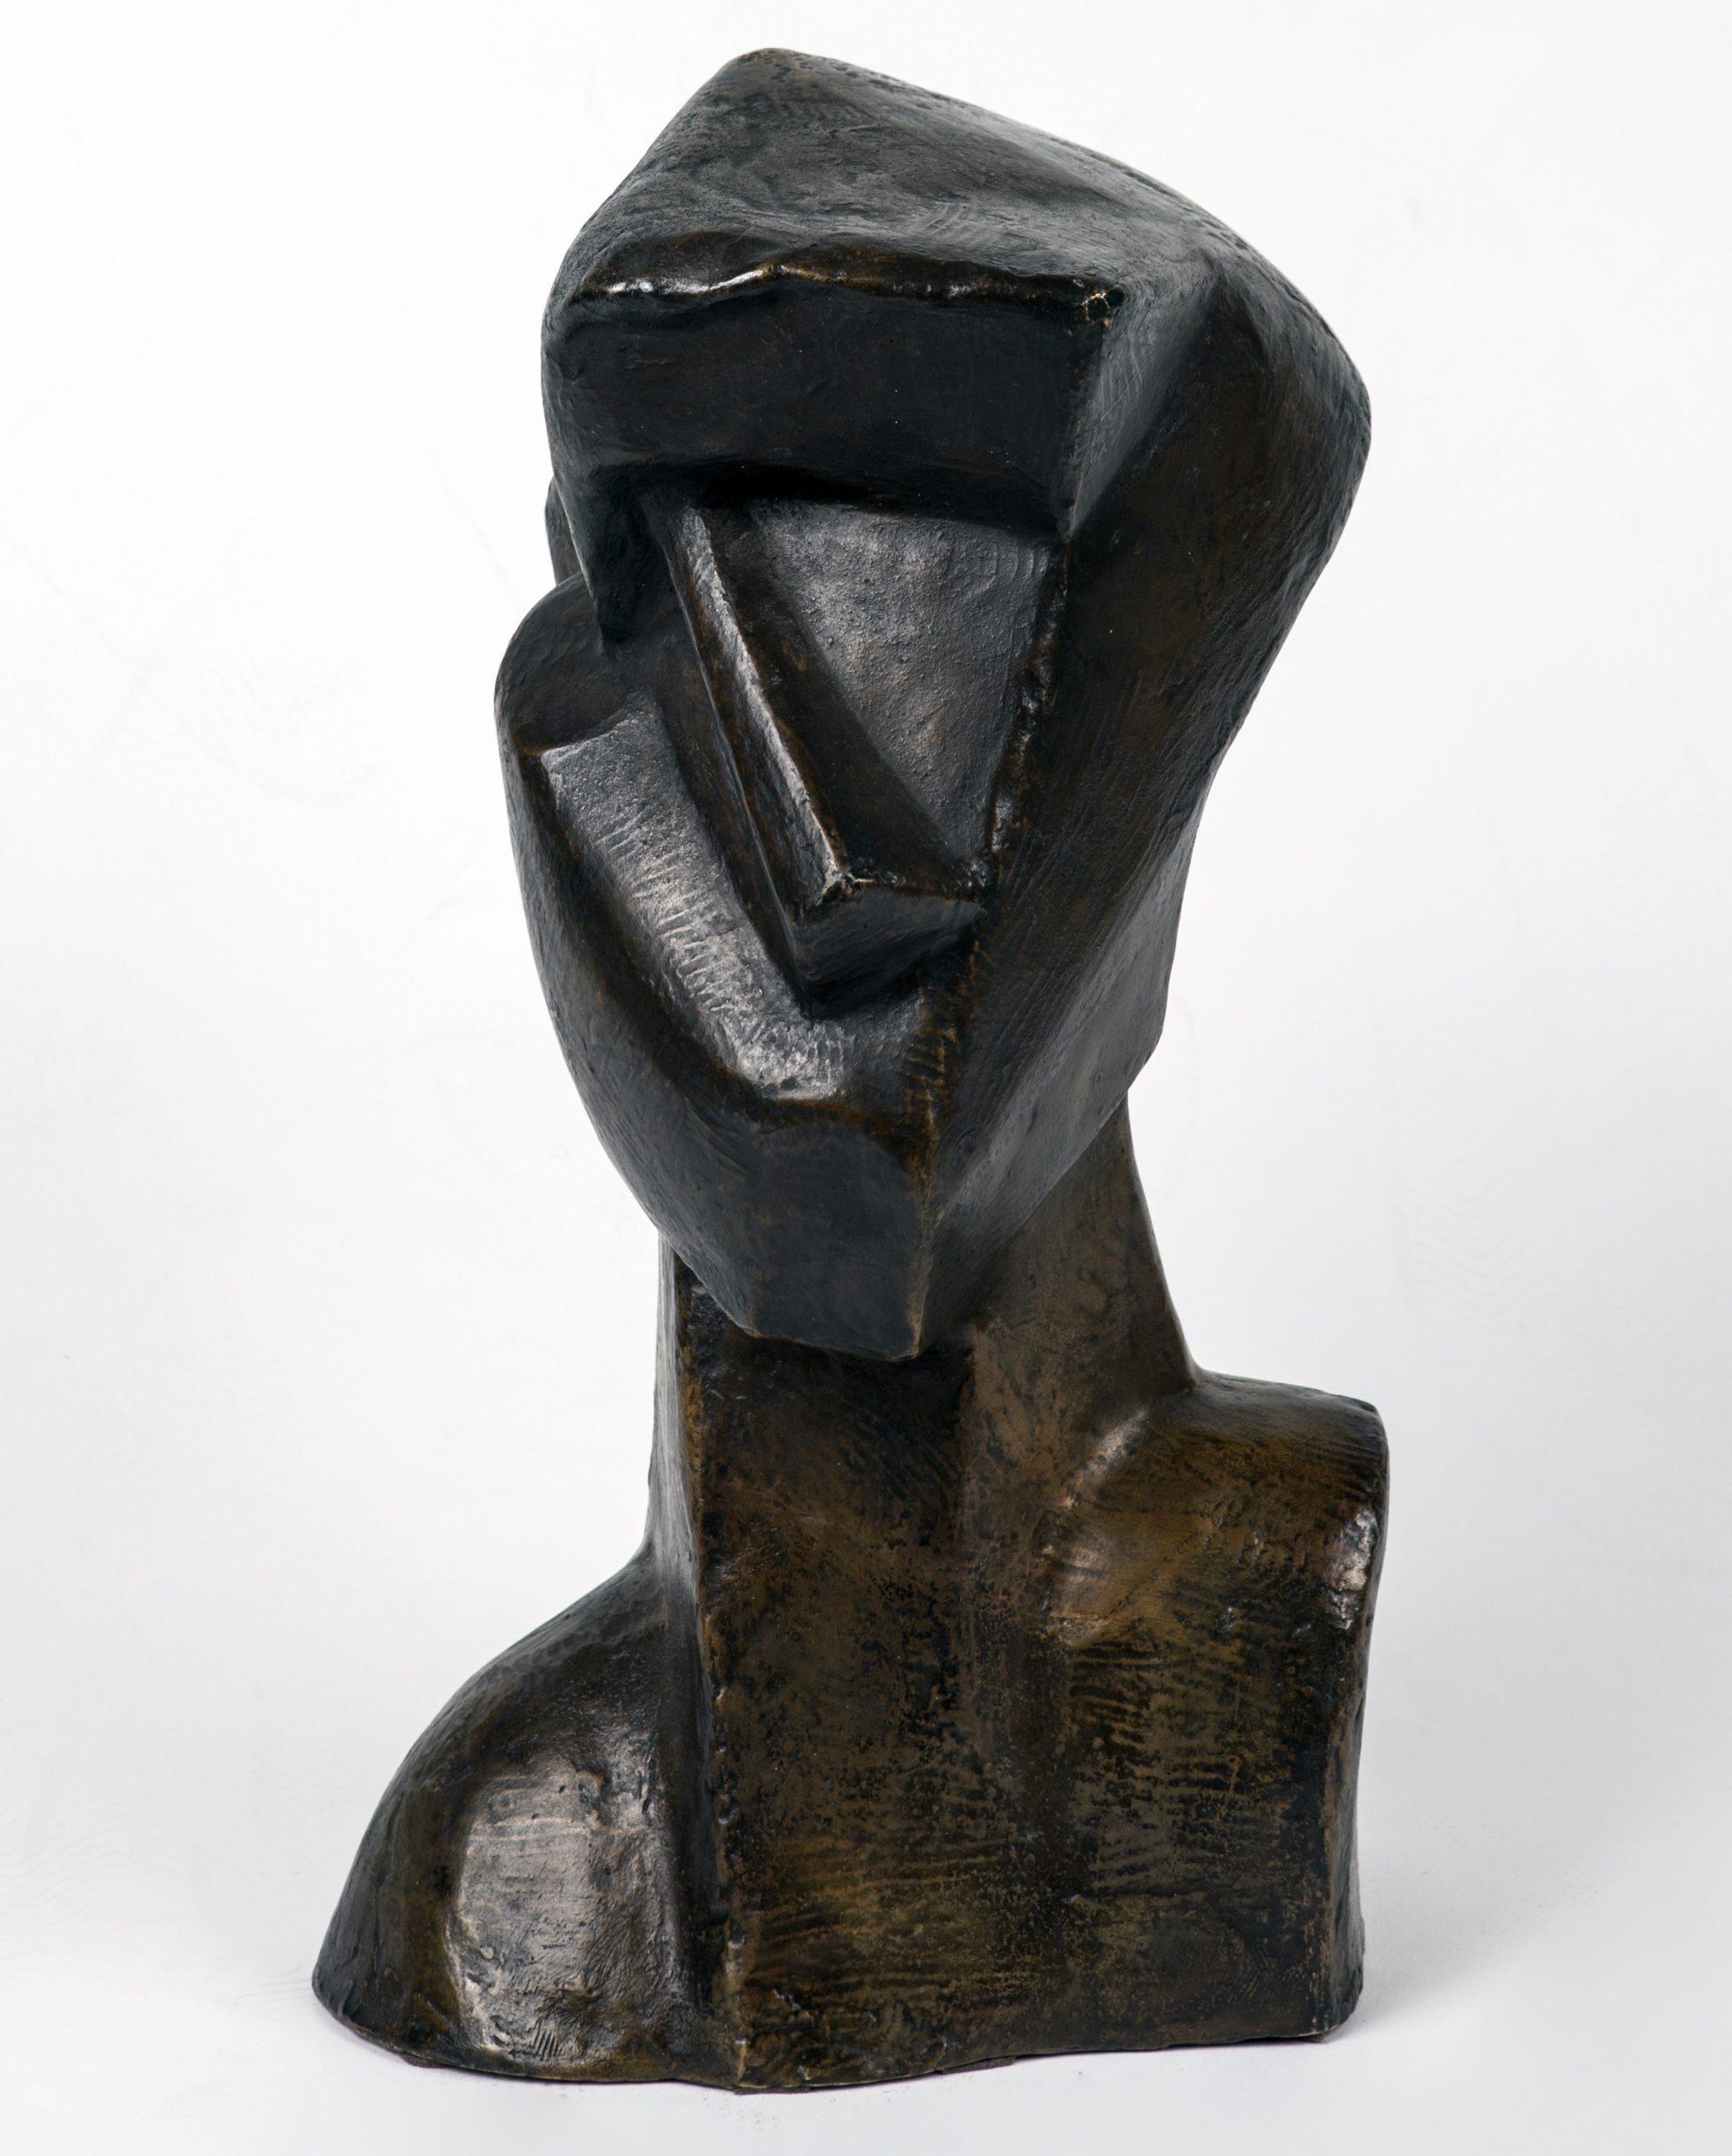 Josef Csaky- Tête (1914) Sculpture en bronze à patine brun doré Fonte du vivant de l'artiste ; Cachet de fonderie Chiurazzi, numérotée 4/8 Signée « CSAKY » et datée « 1914 » H. 38,5 x L. 21,5 x P. 12 cm © archives de l'expert